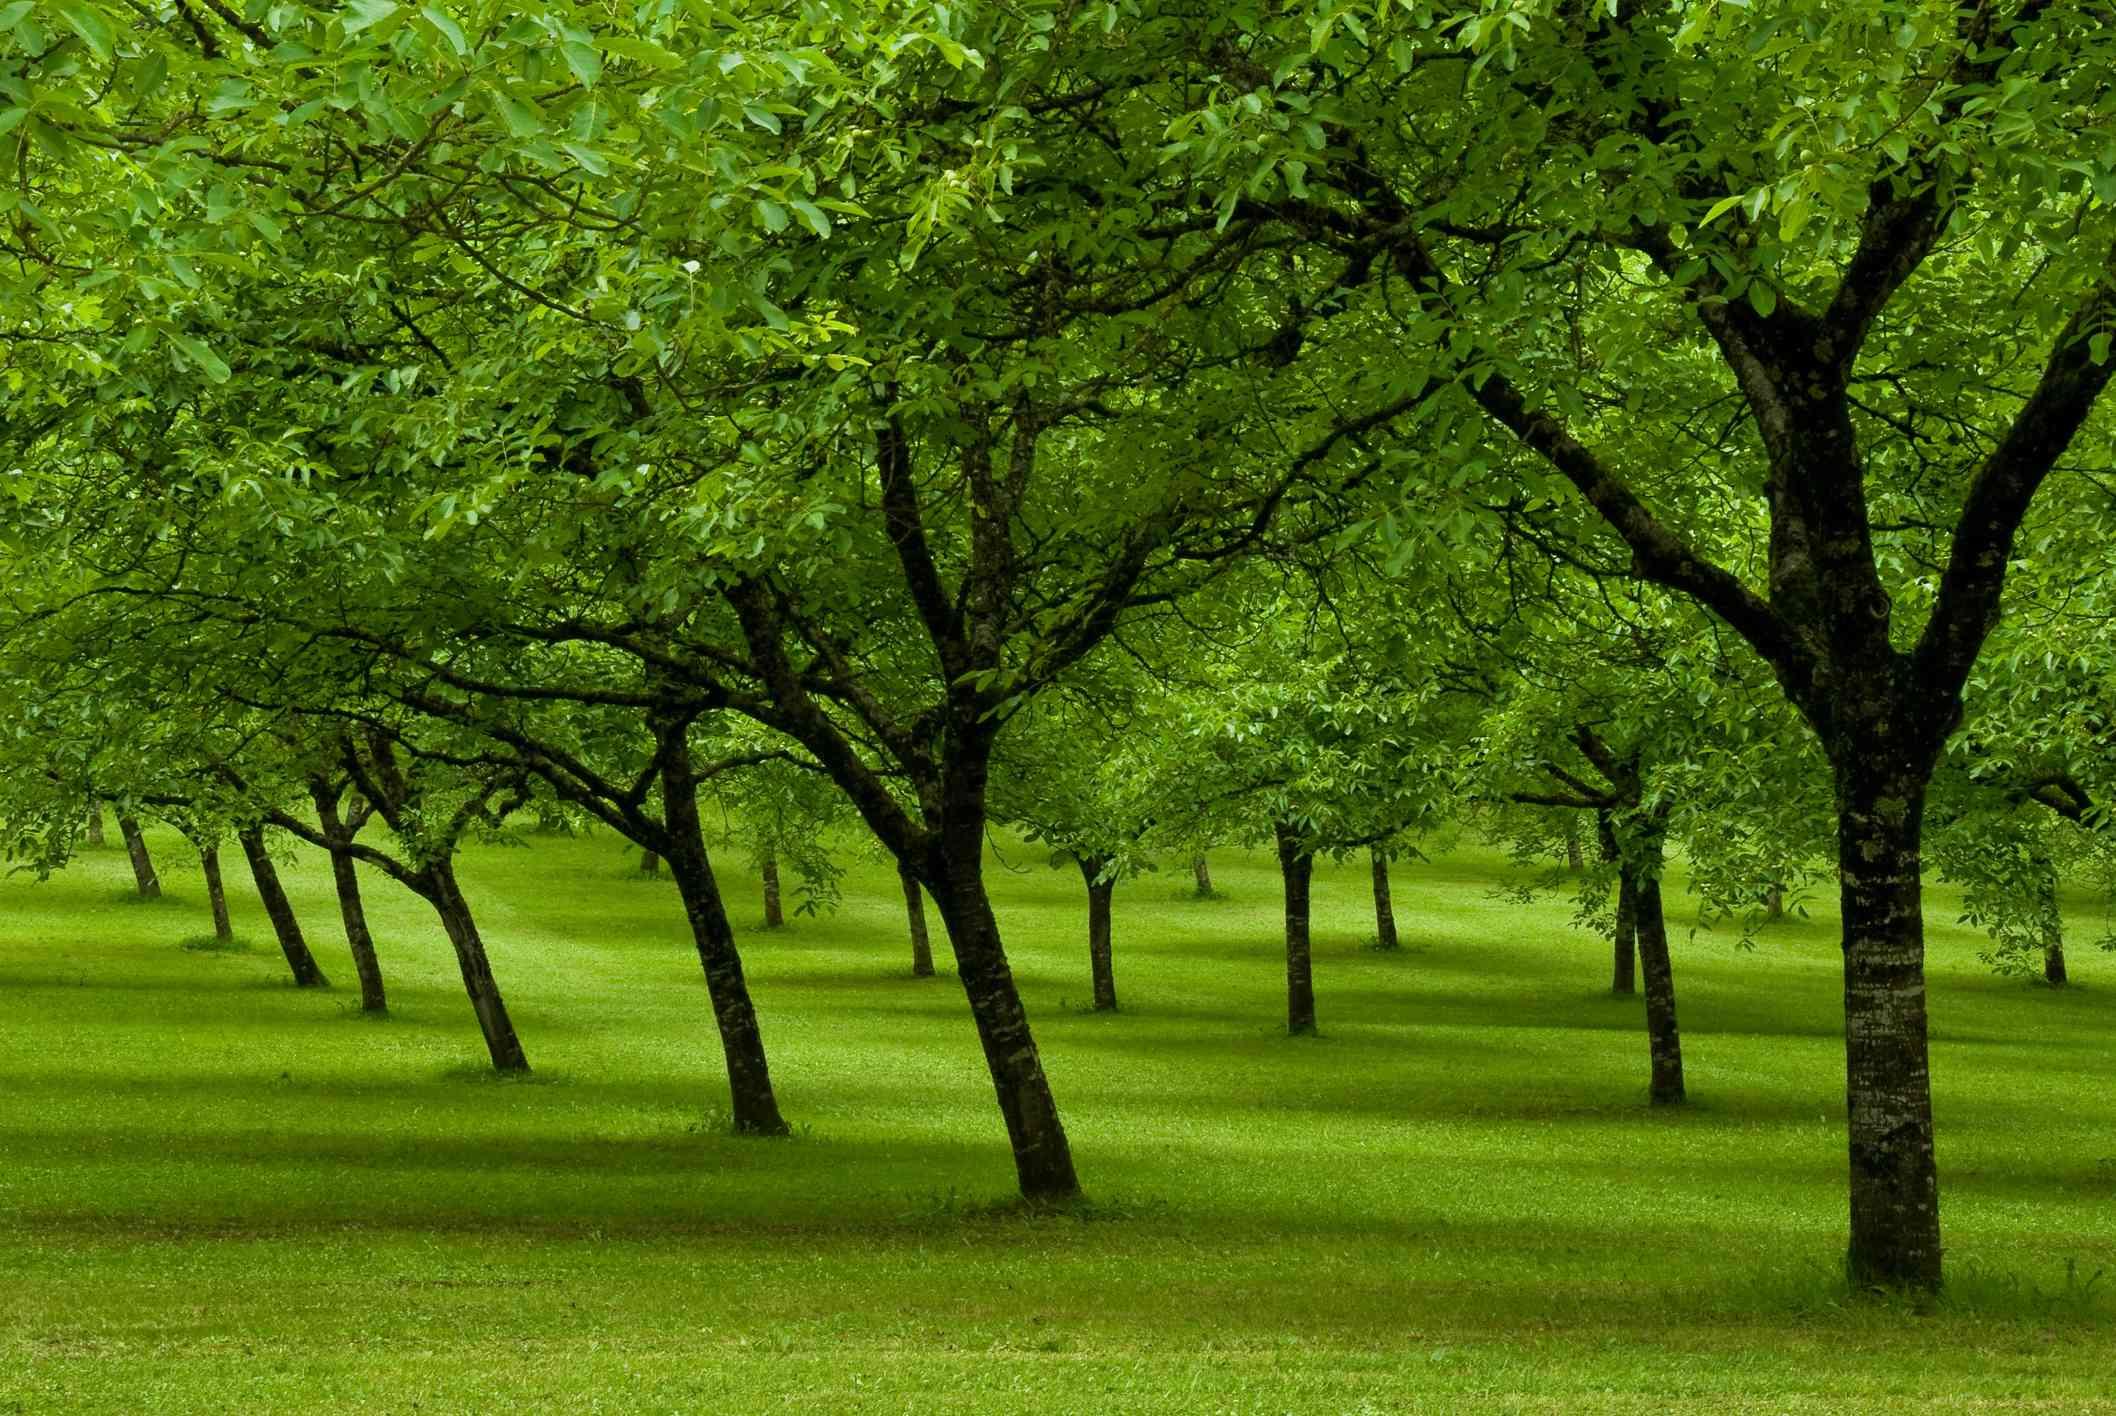 Walnut trees in a green field.